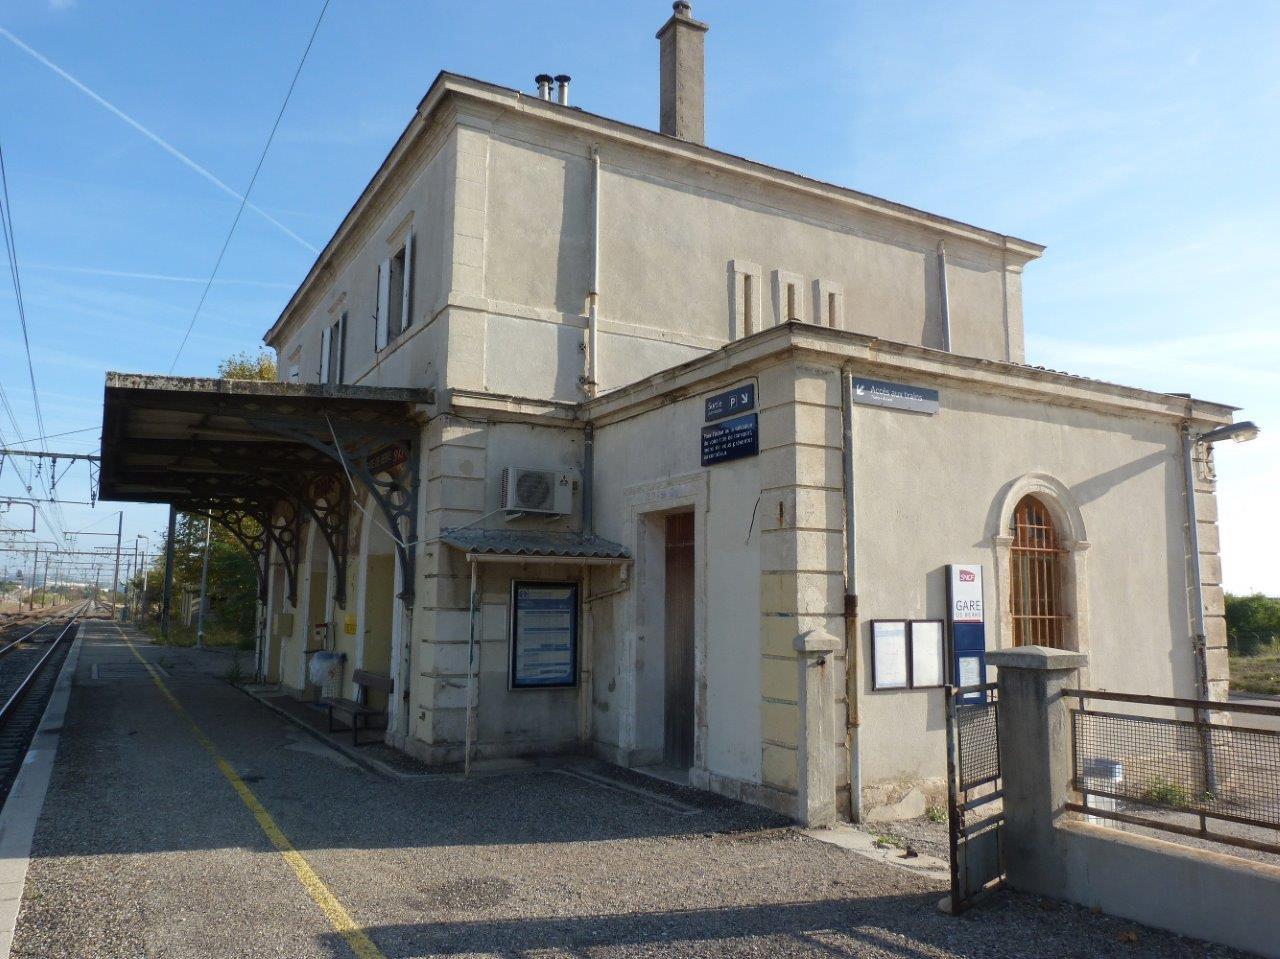 gare-de-berre-train-station